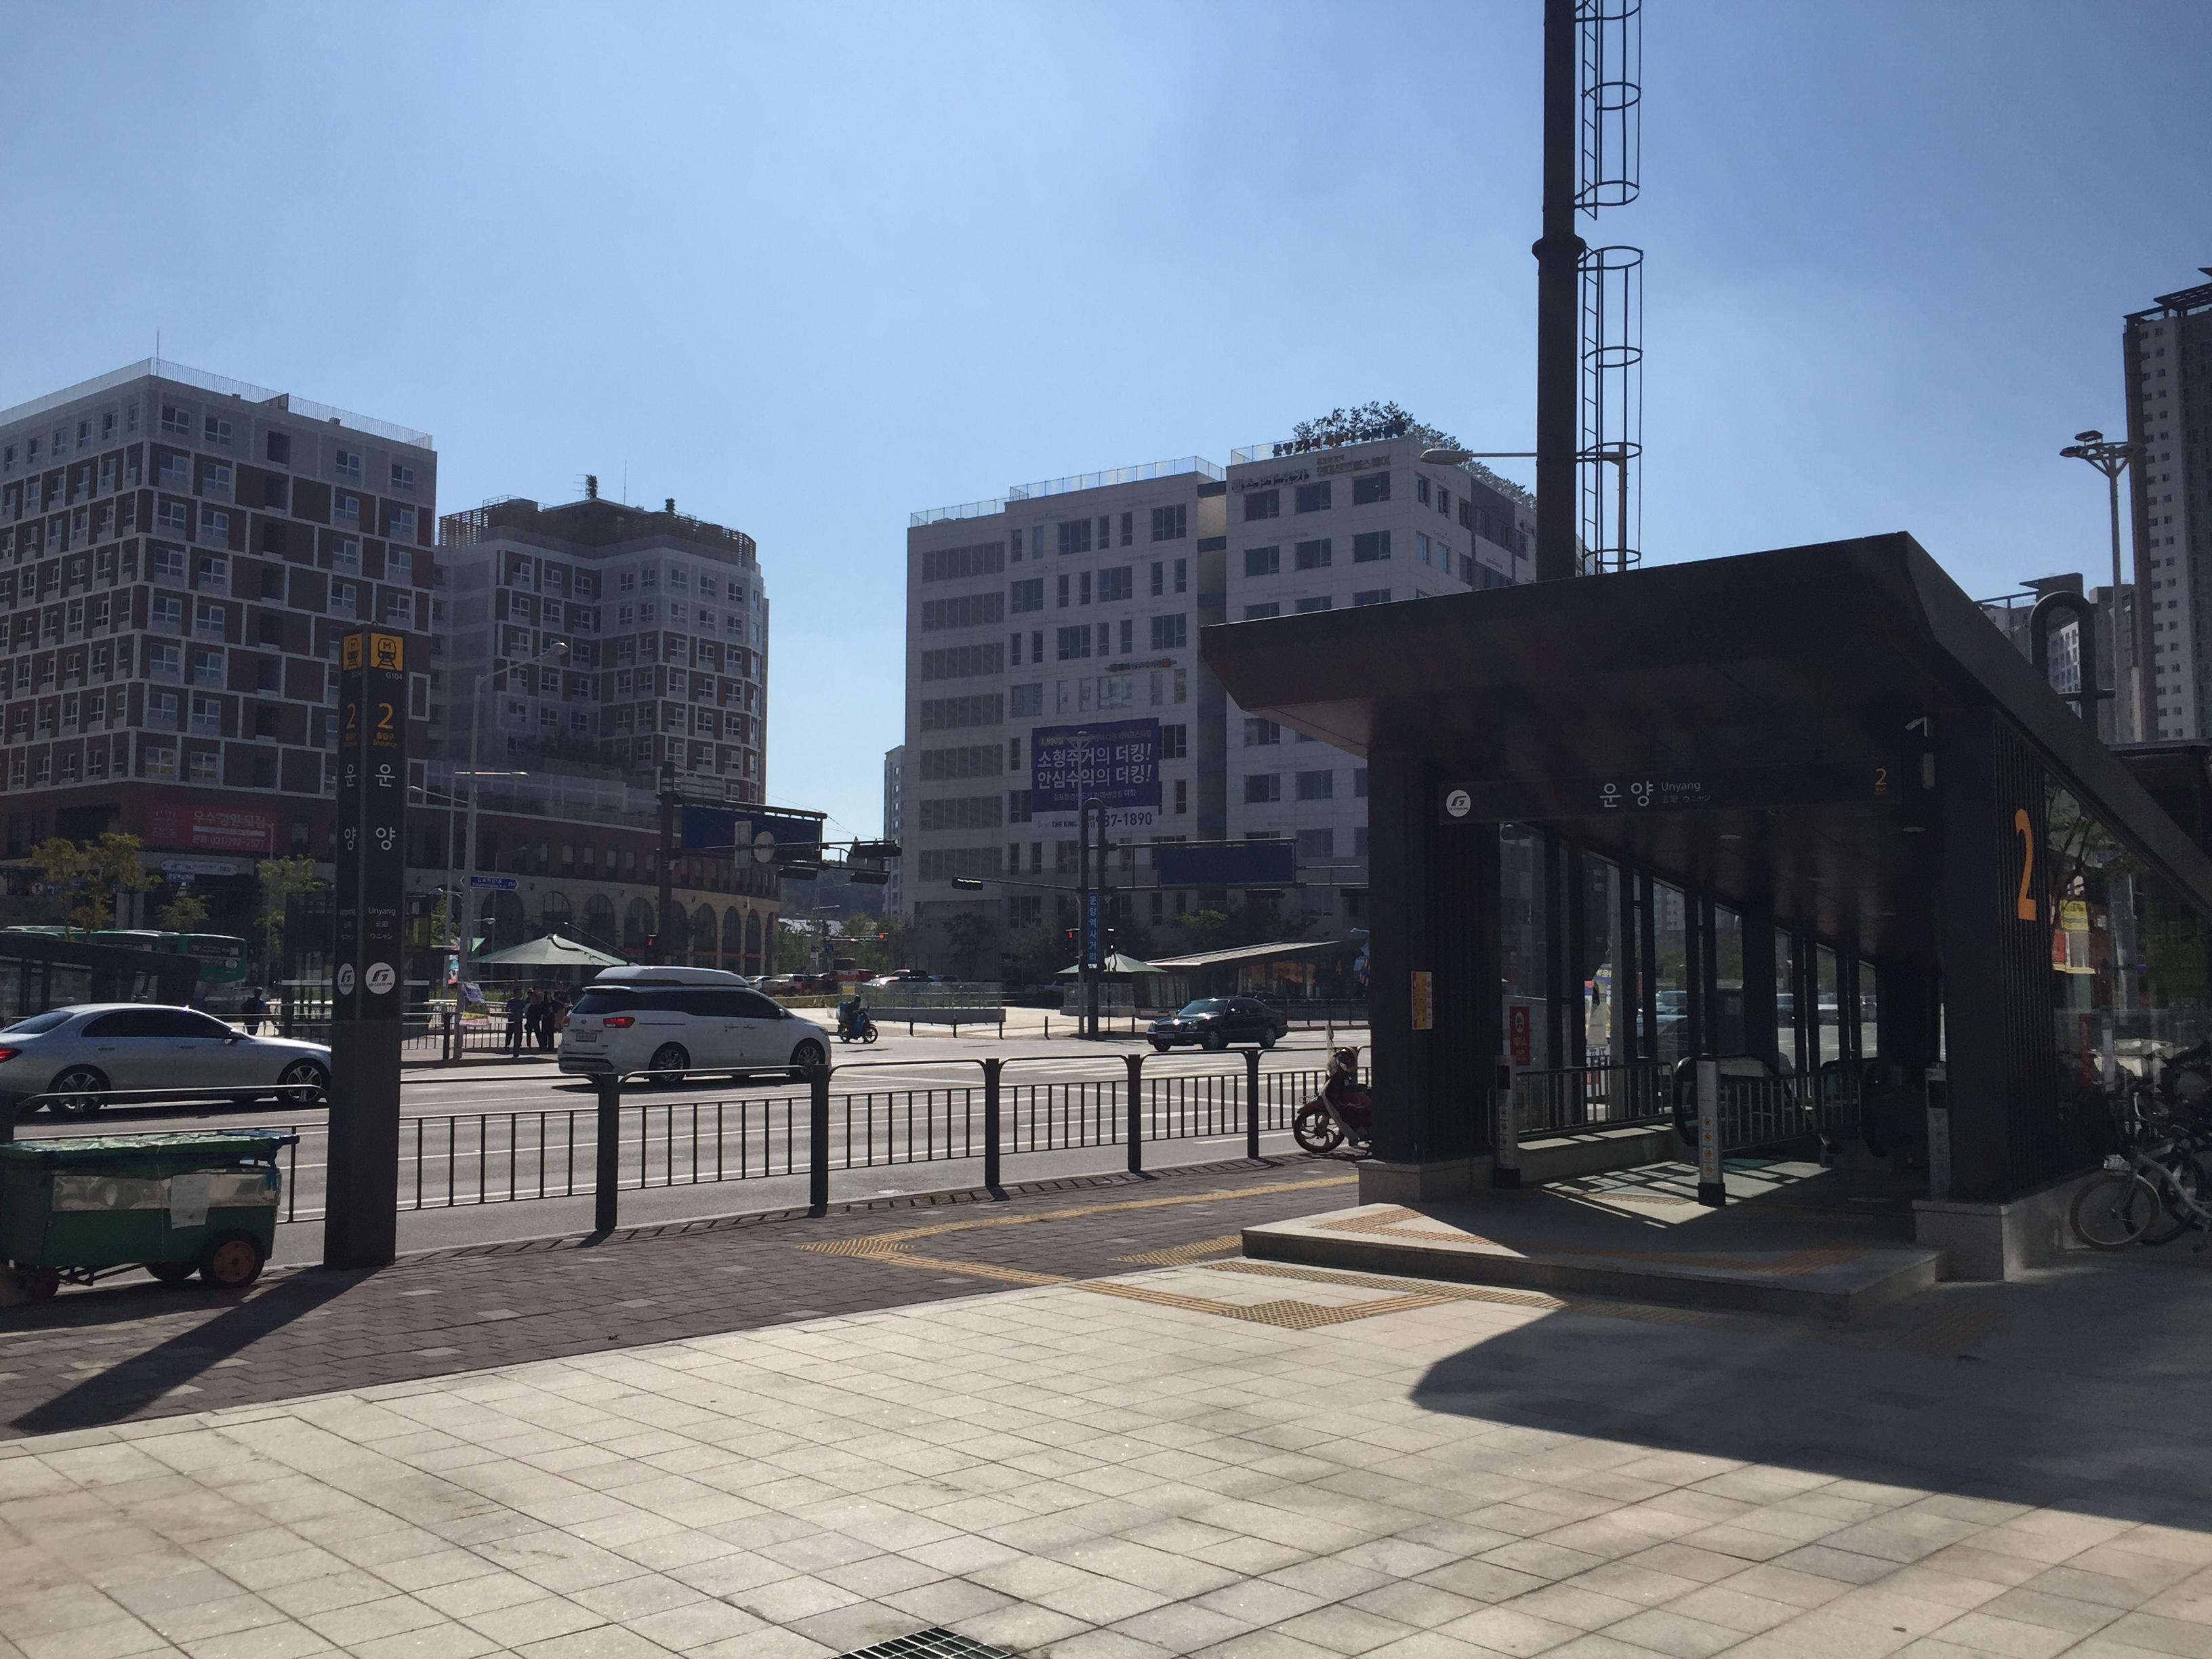 G104. 운양역 - 야생조류생태공원과 김포아트빌리지